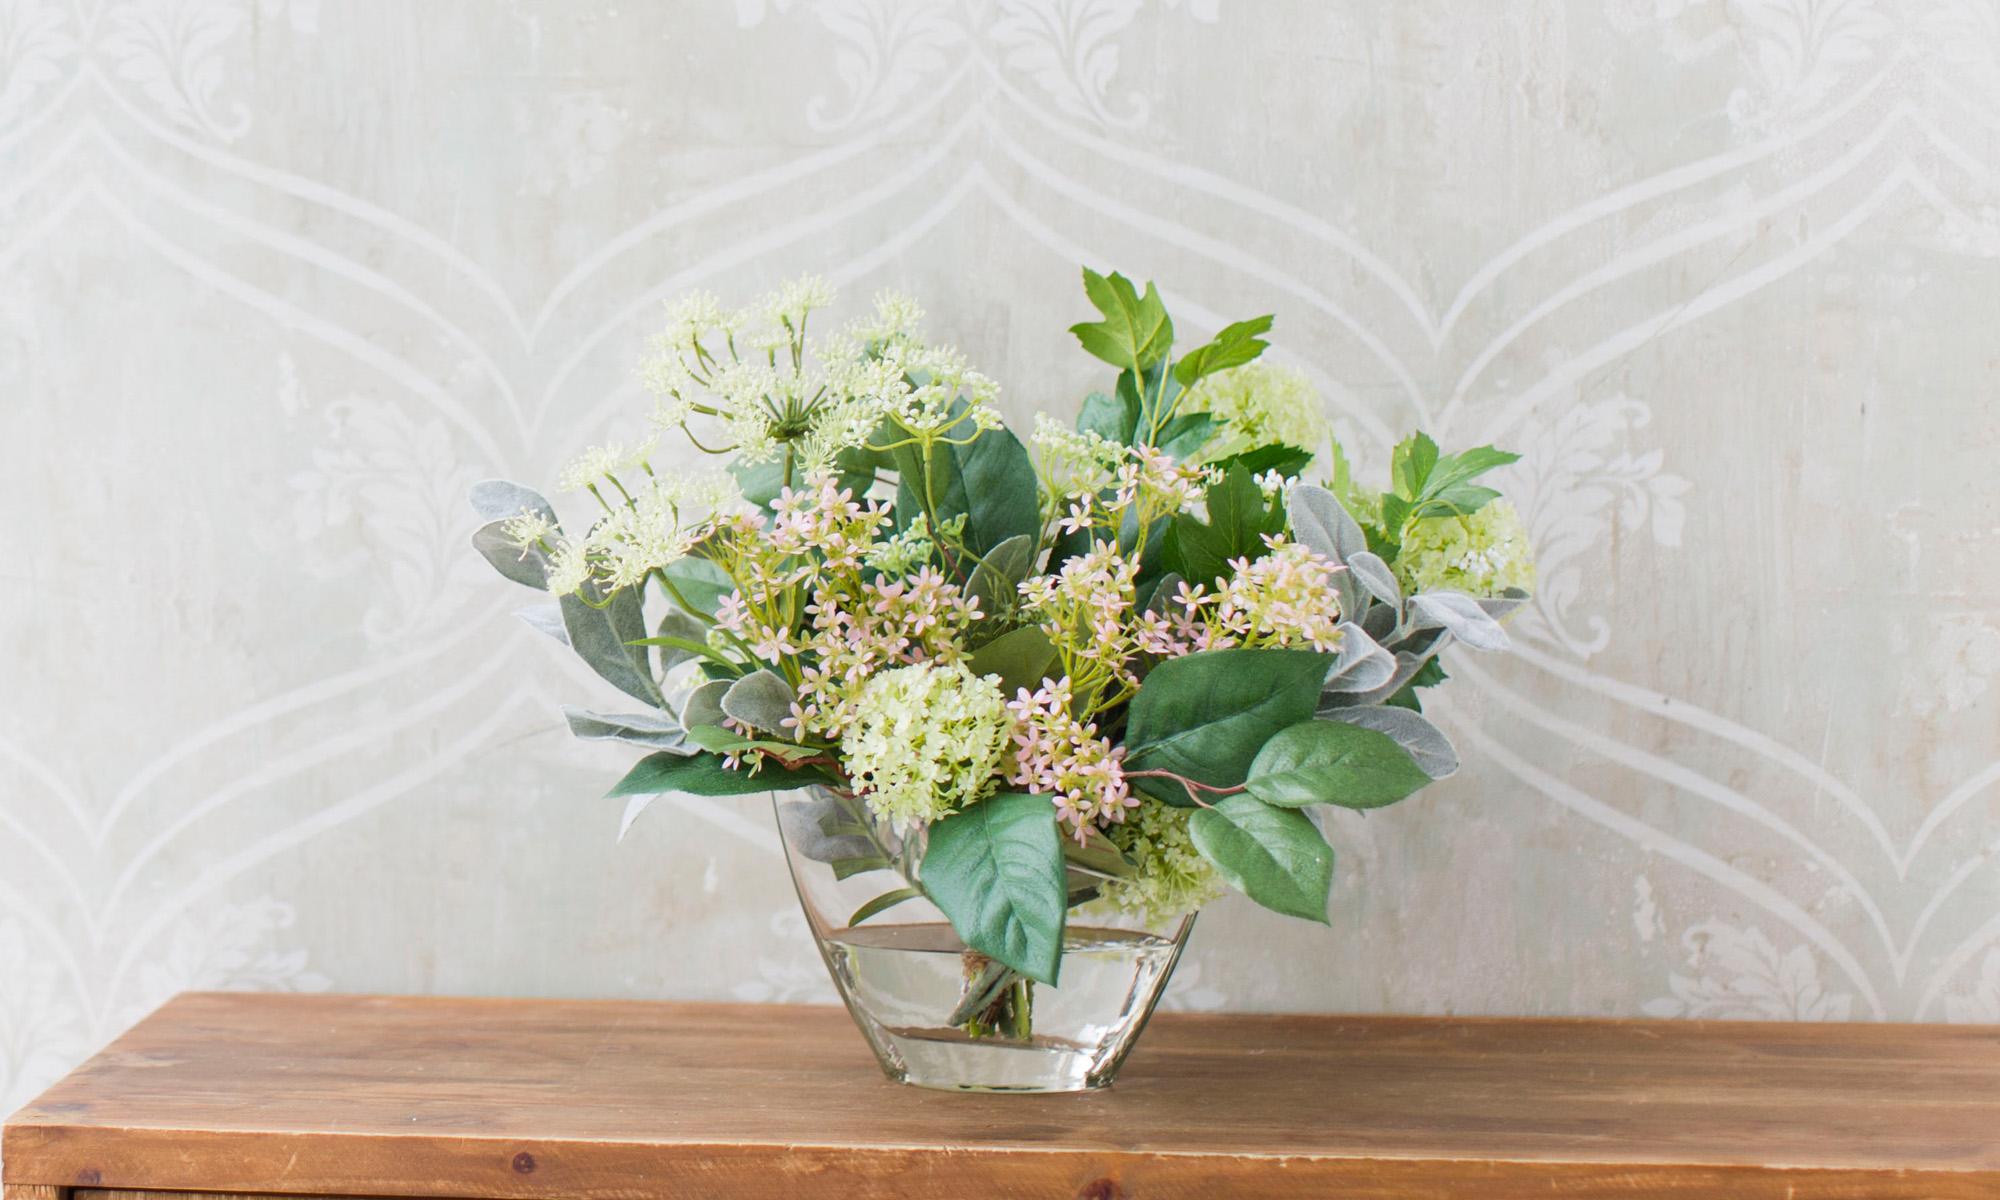 Купить Композиция из искусственных цветов - соцветия укропа, вибурнум, салал, inmyroom, Россия